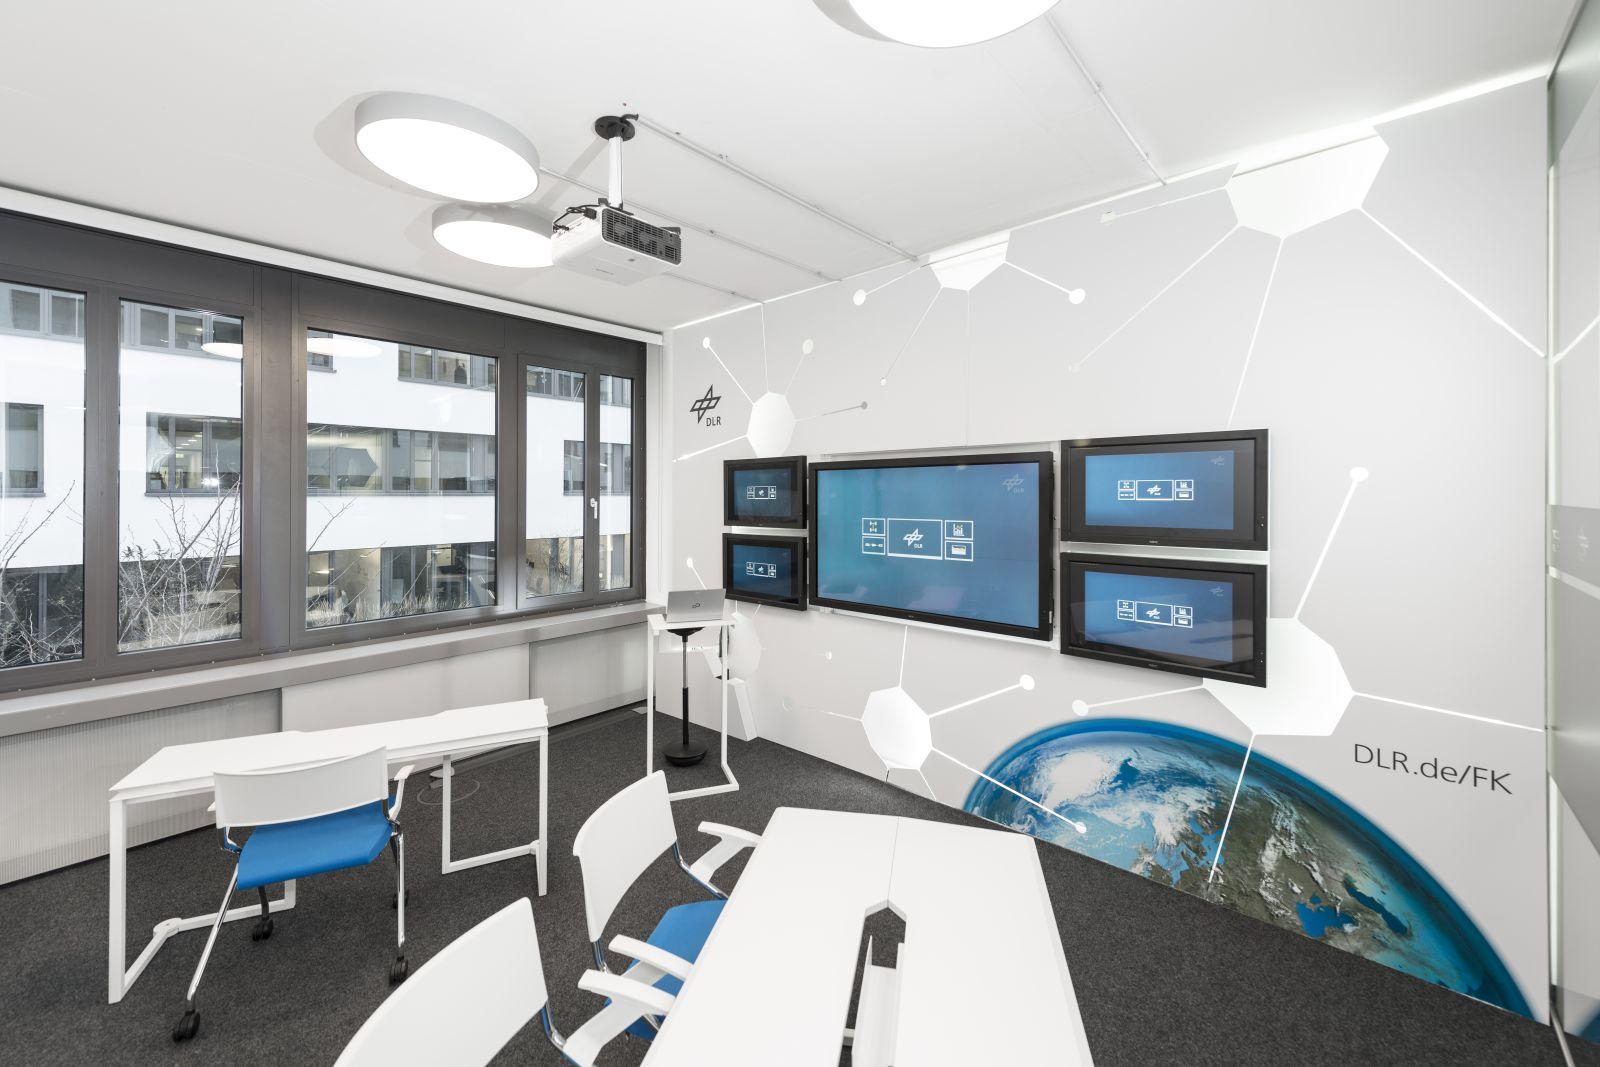 DLR Scenario Lab